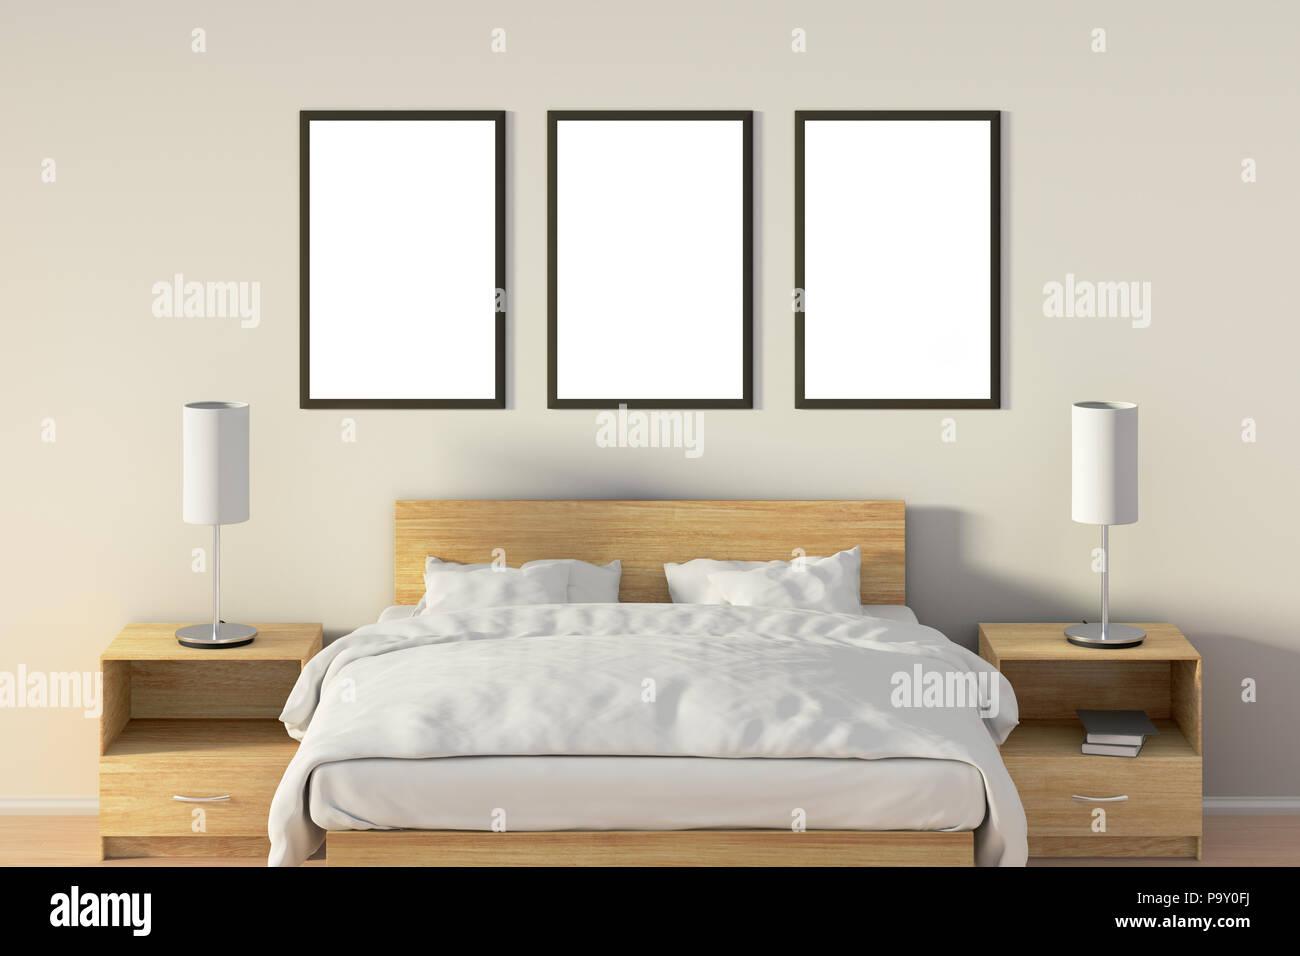 Drei Leere vertikale Poster im Schlafzimmer über Holzbett. Mit ...